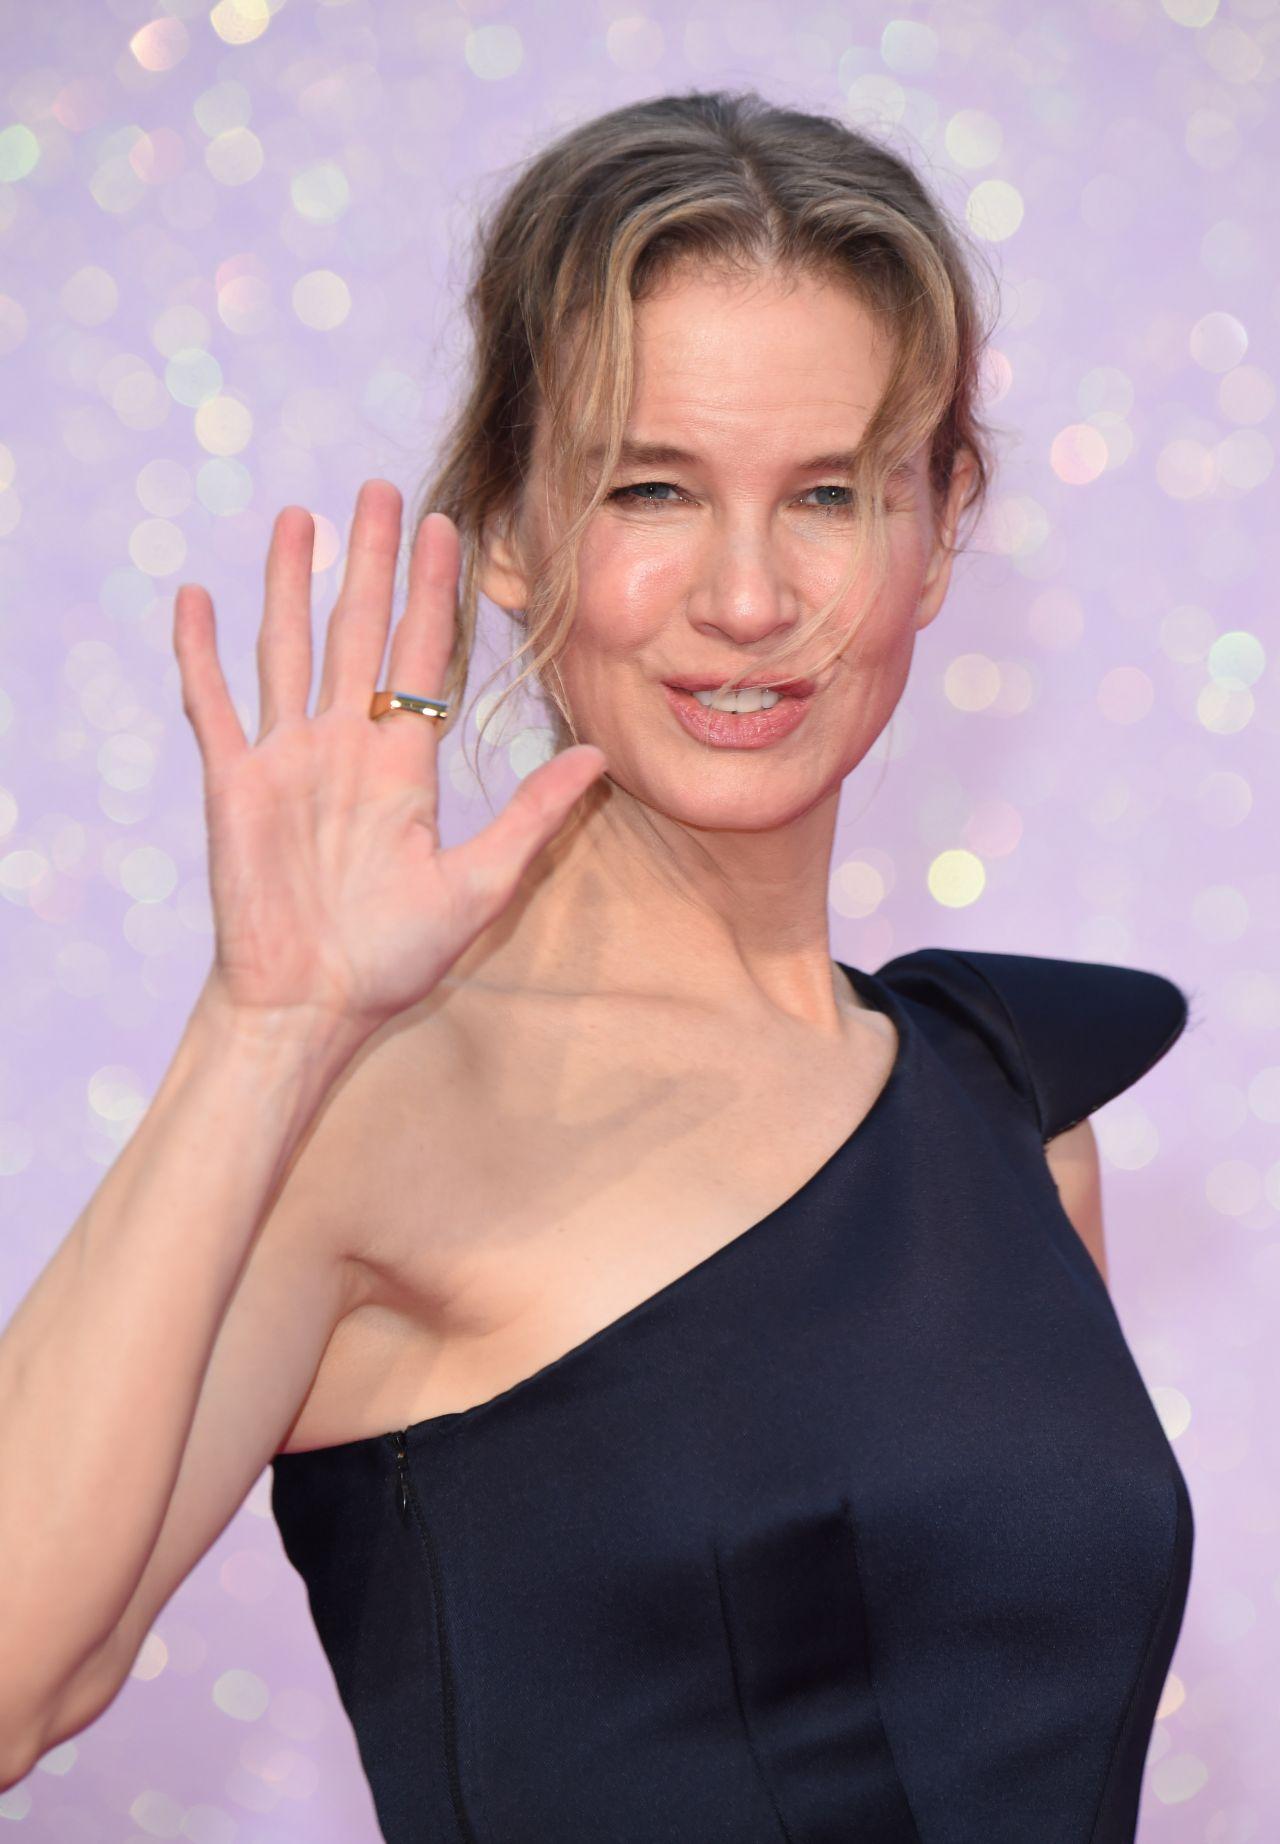 Renee Zellweger - 'Bridget Jones' Baby' Premiere in London ... Renee Zellweger